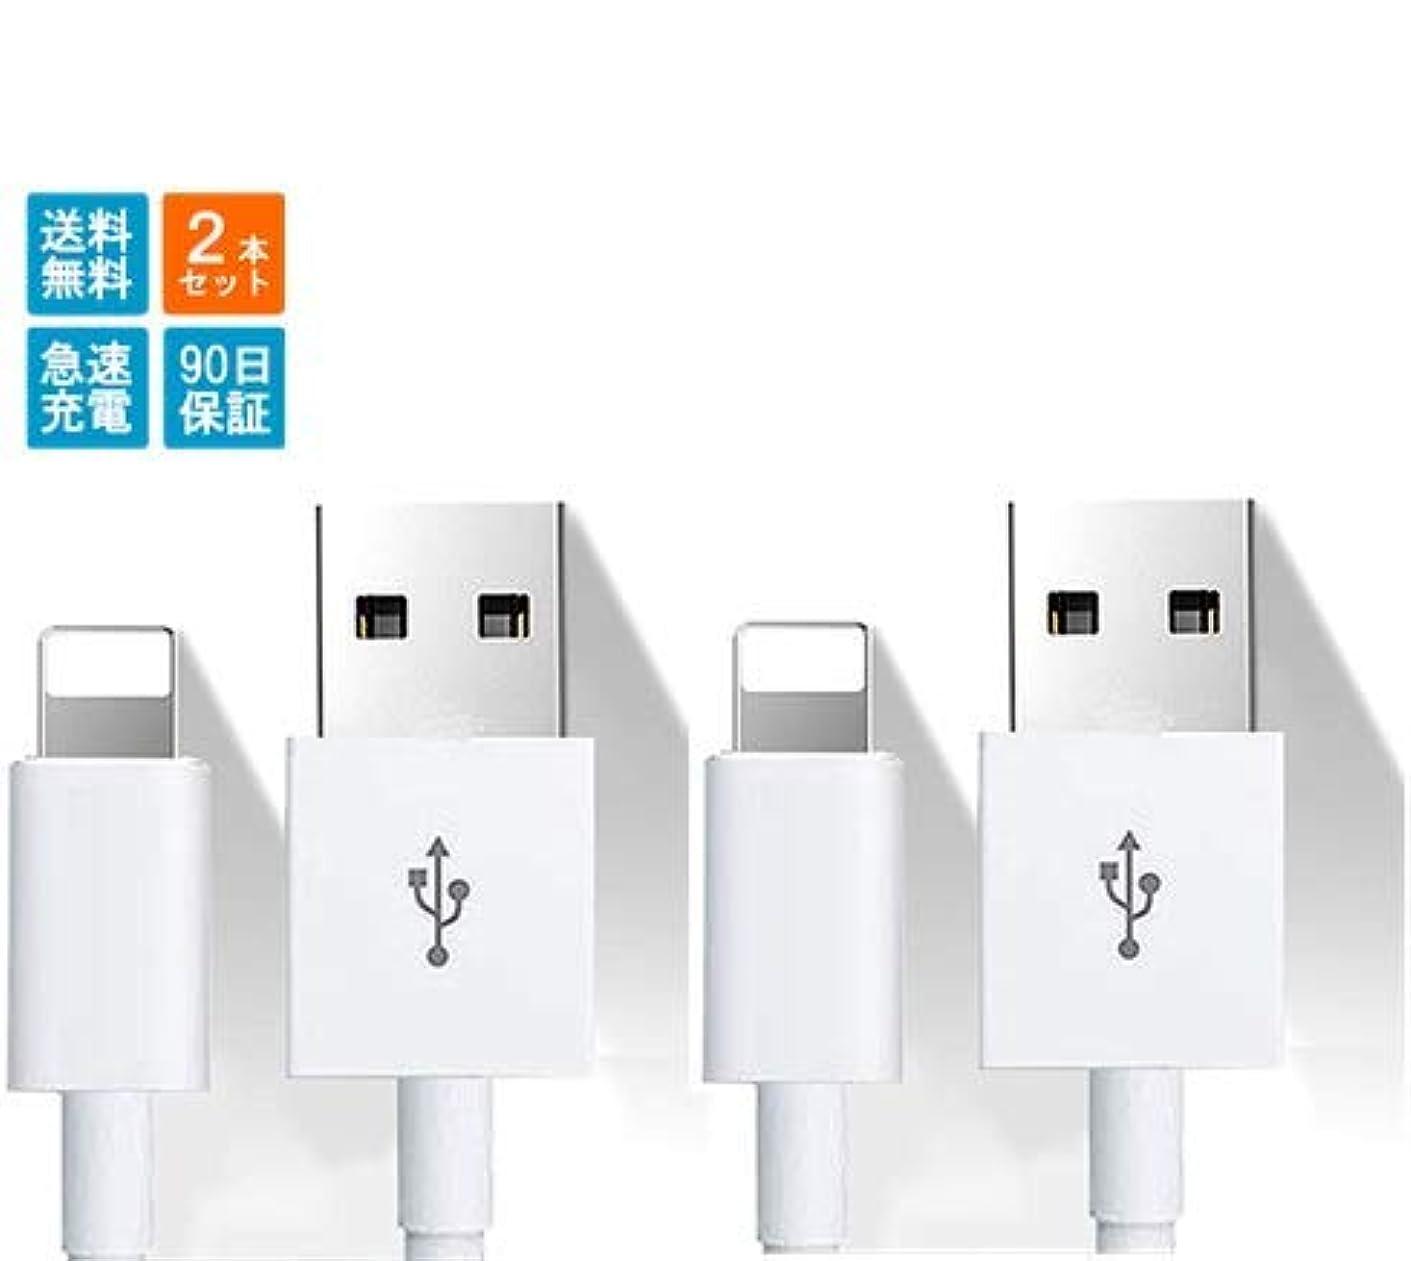 シングル丈夫モールス信号iPhone 充電ケーブル 急速充電 ライトニングUSBケーブル 高速データ転送 充電コード 1メートル2本セット iPhone 11Pro MAX/11Pro/11/XS MAX/XS/XR/X/8/7/6/6s/5/SE/5s/iPad/i...